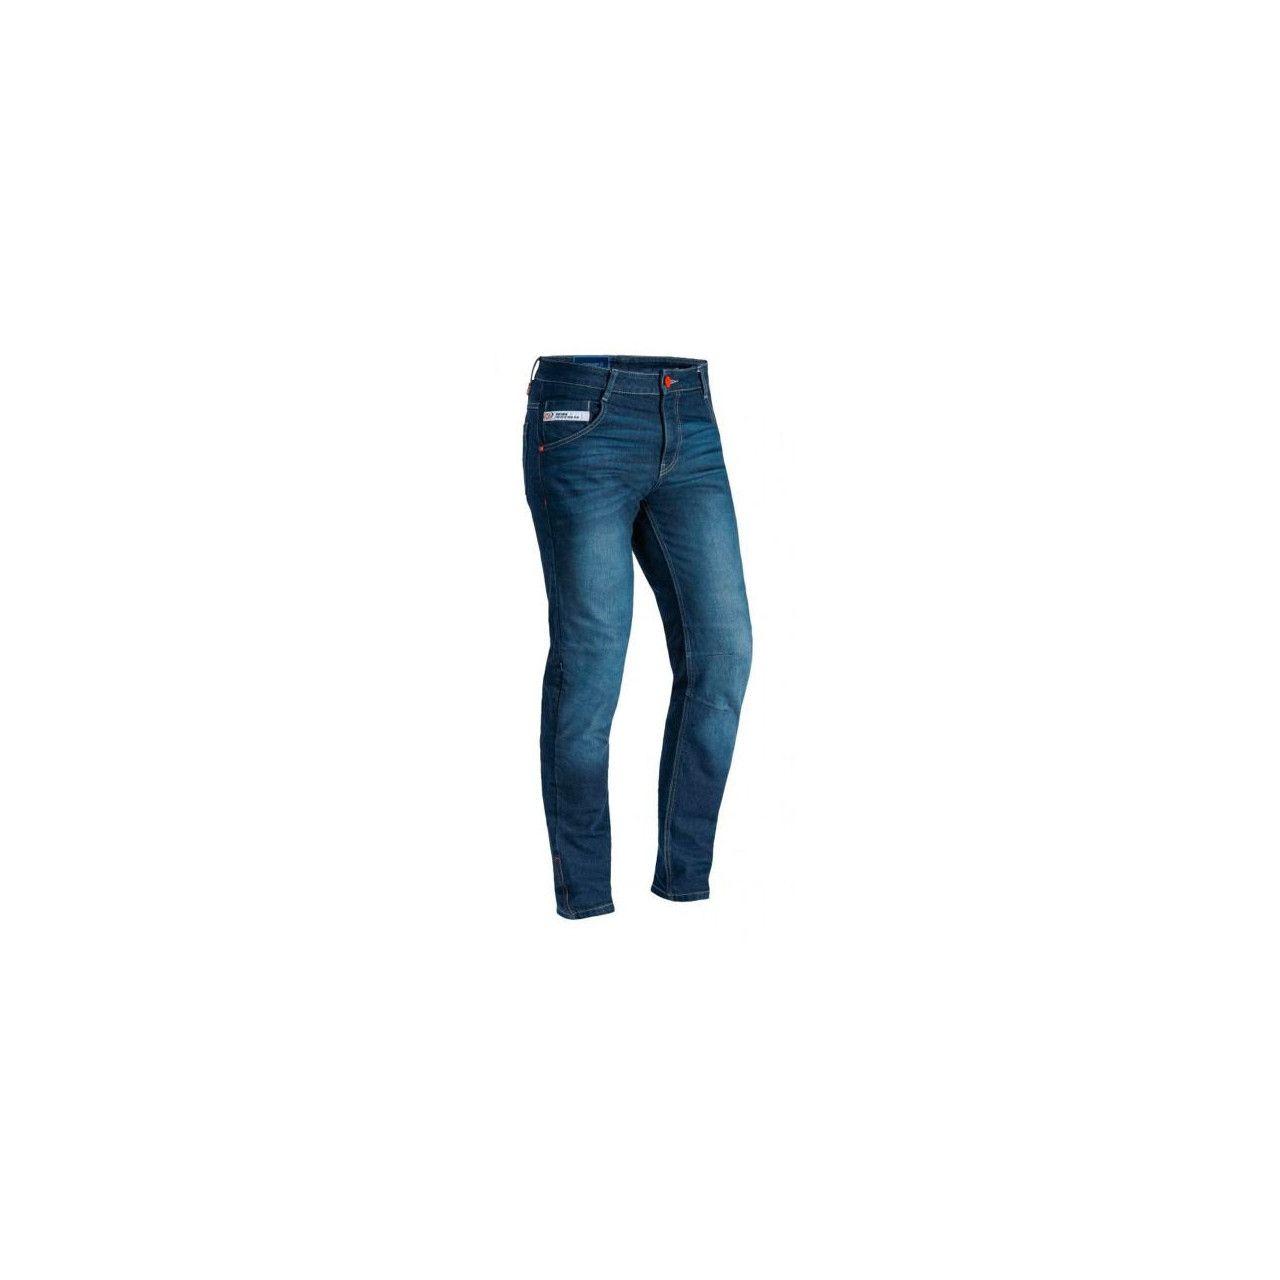 48b4f746803a5 IXON - Jeans Mikki Bleu Femme